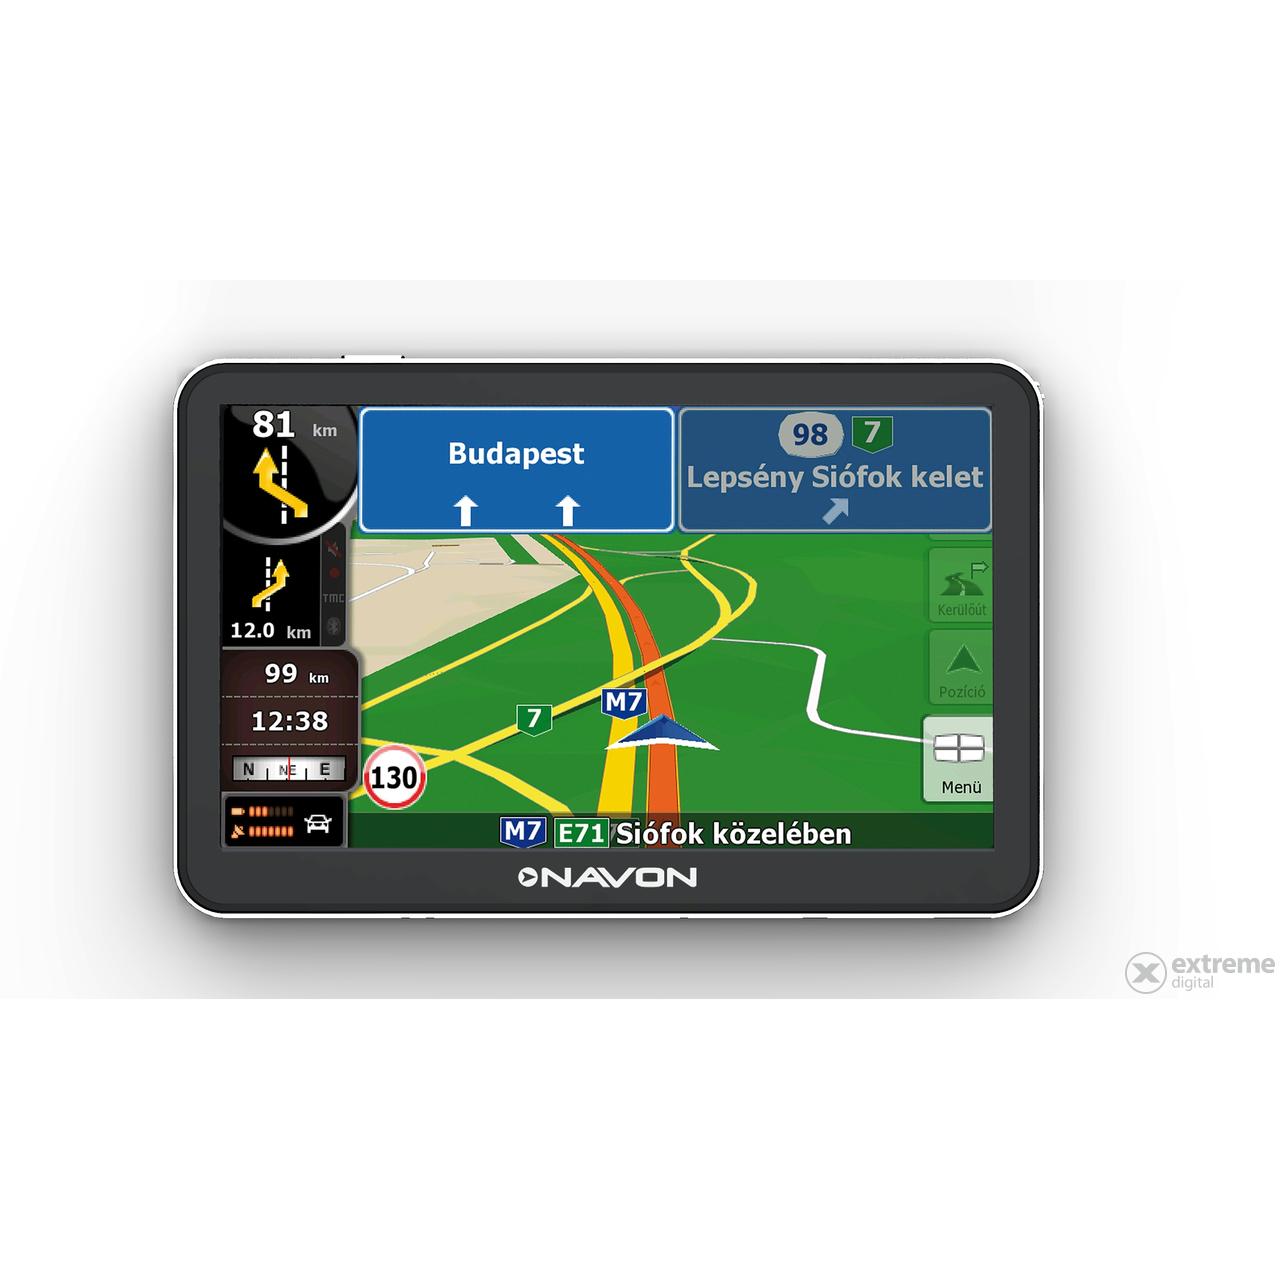 Navon N670 Plus Navigacio Igo8 Europa Terkep 40 Orszag